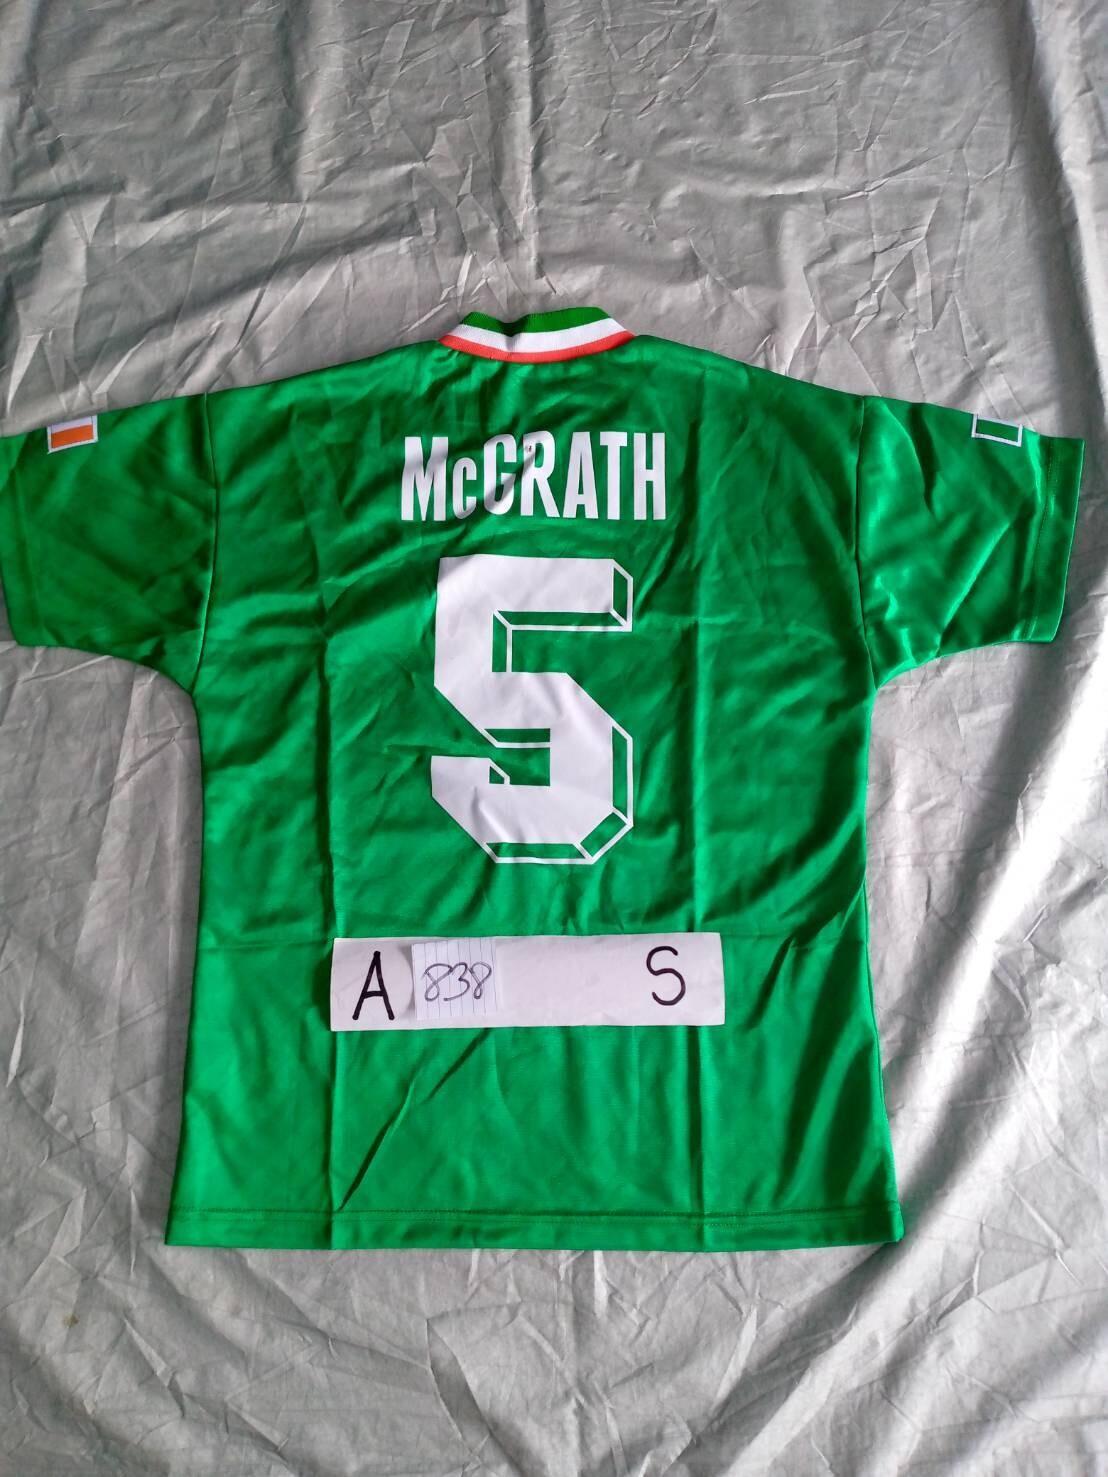 838 IRELAND MAGLIA CASA JERSEY HOME MCGRATH 5 TAGLIA S SIZE S